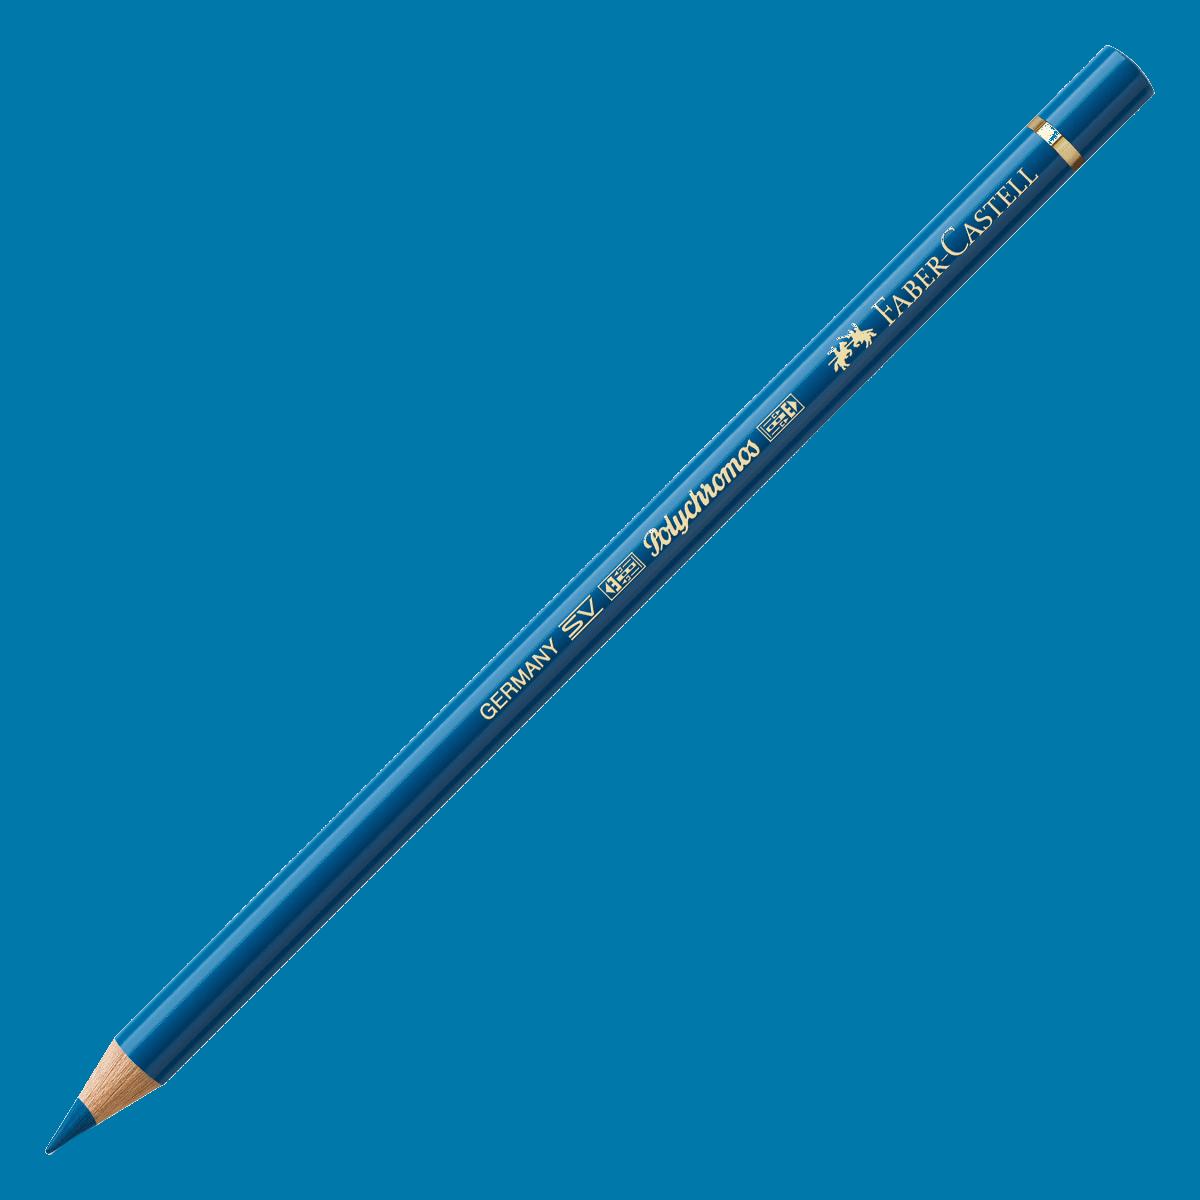 Kredka Polychromos 149 turkus niebieskawy, Faber-Castell